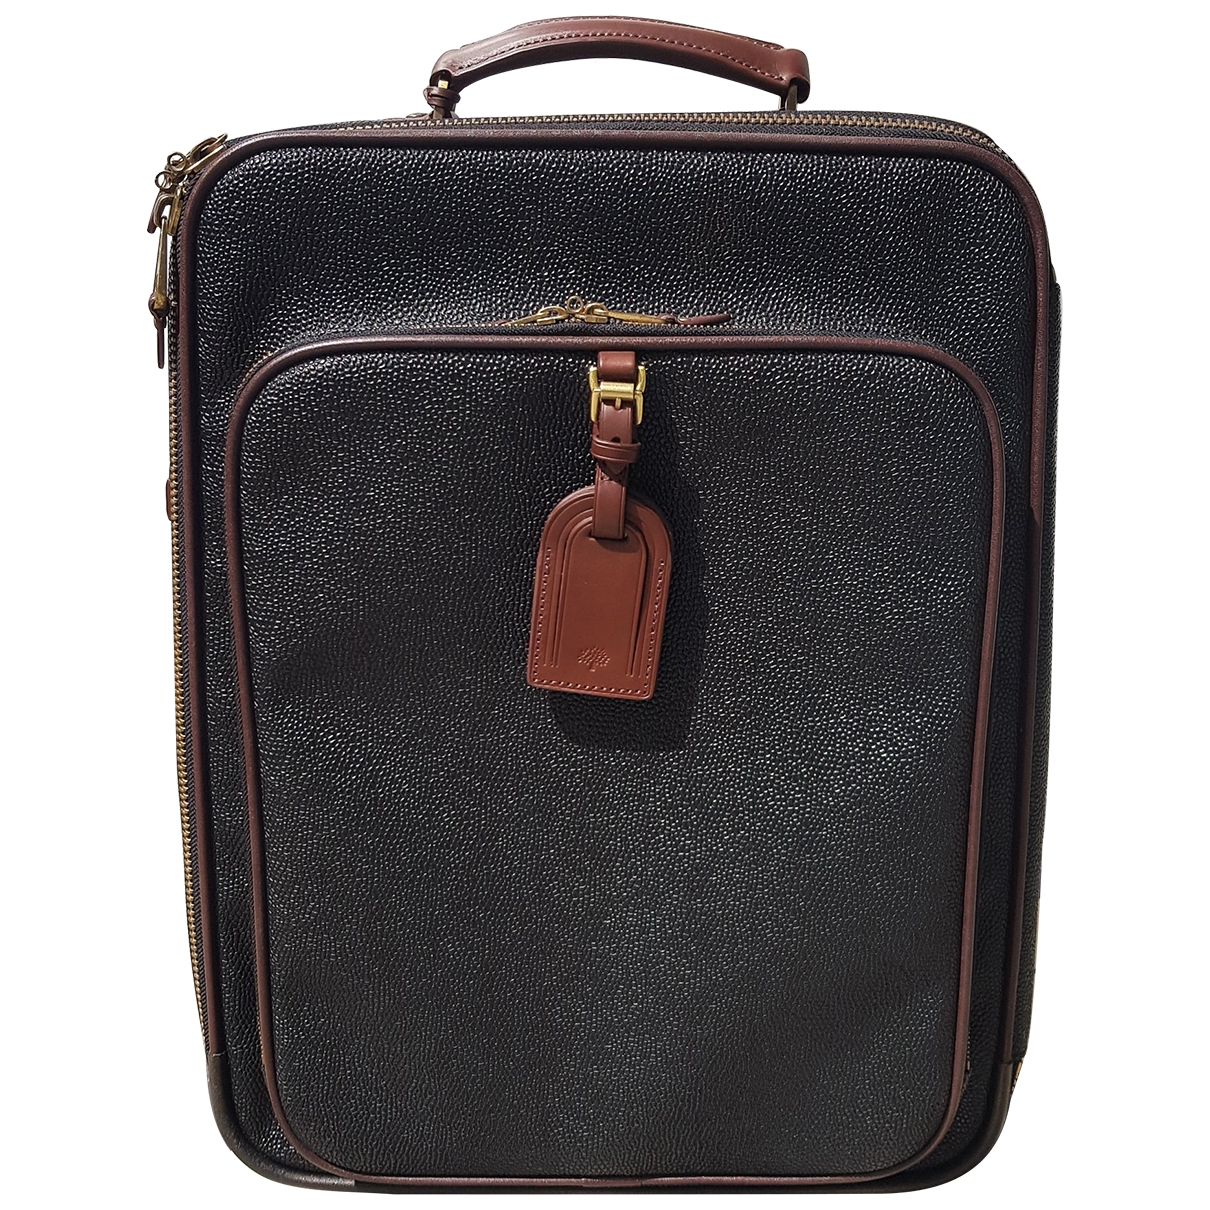 Mulberry - Sac de voyage   pour femme en cuir - noir